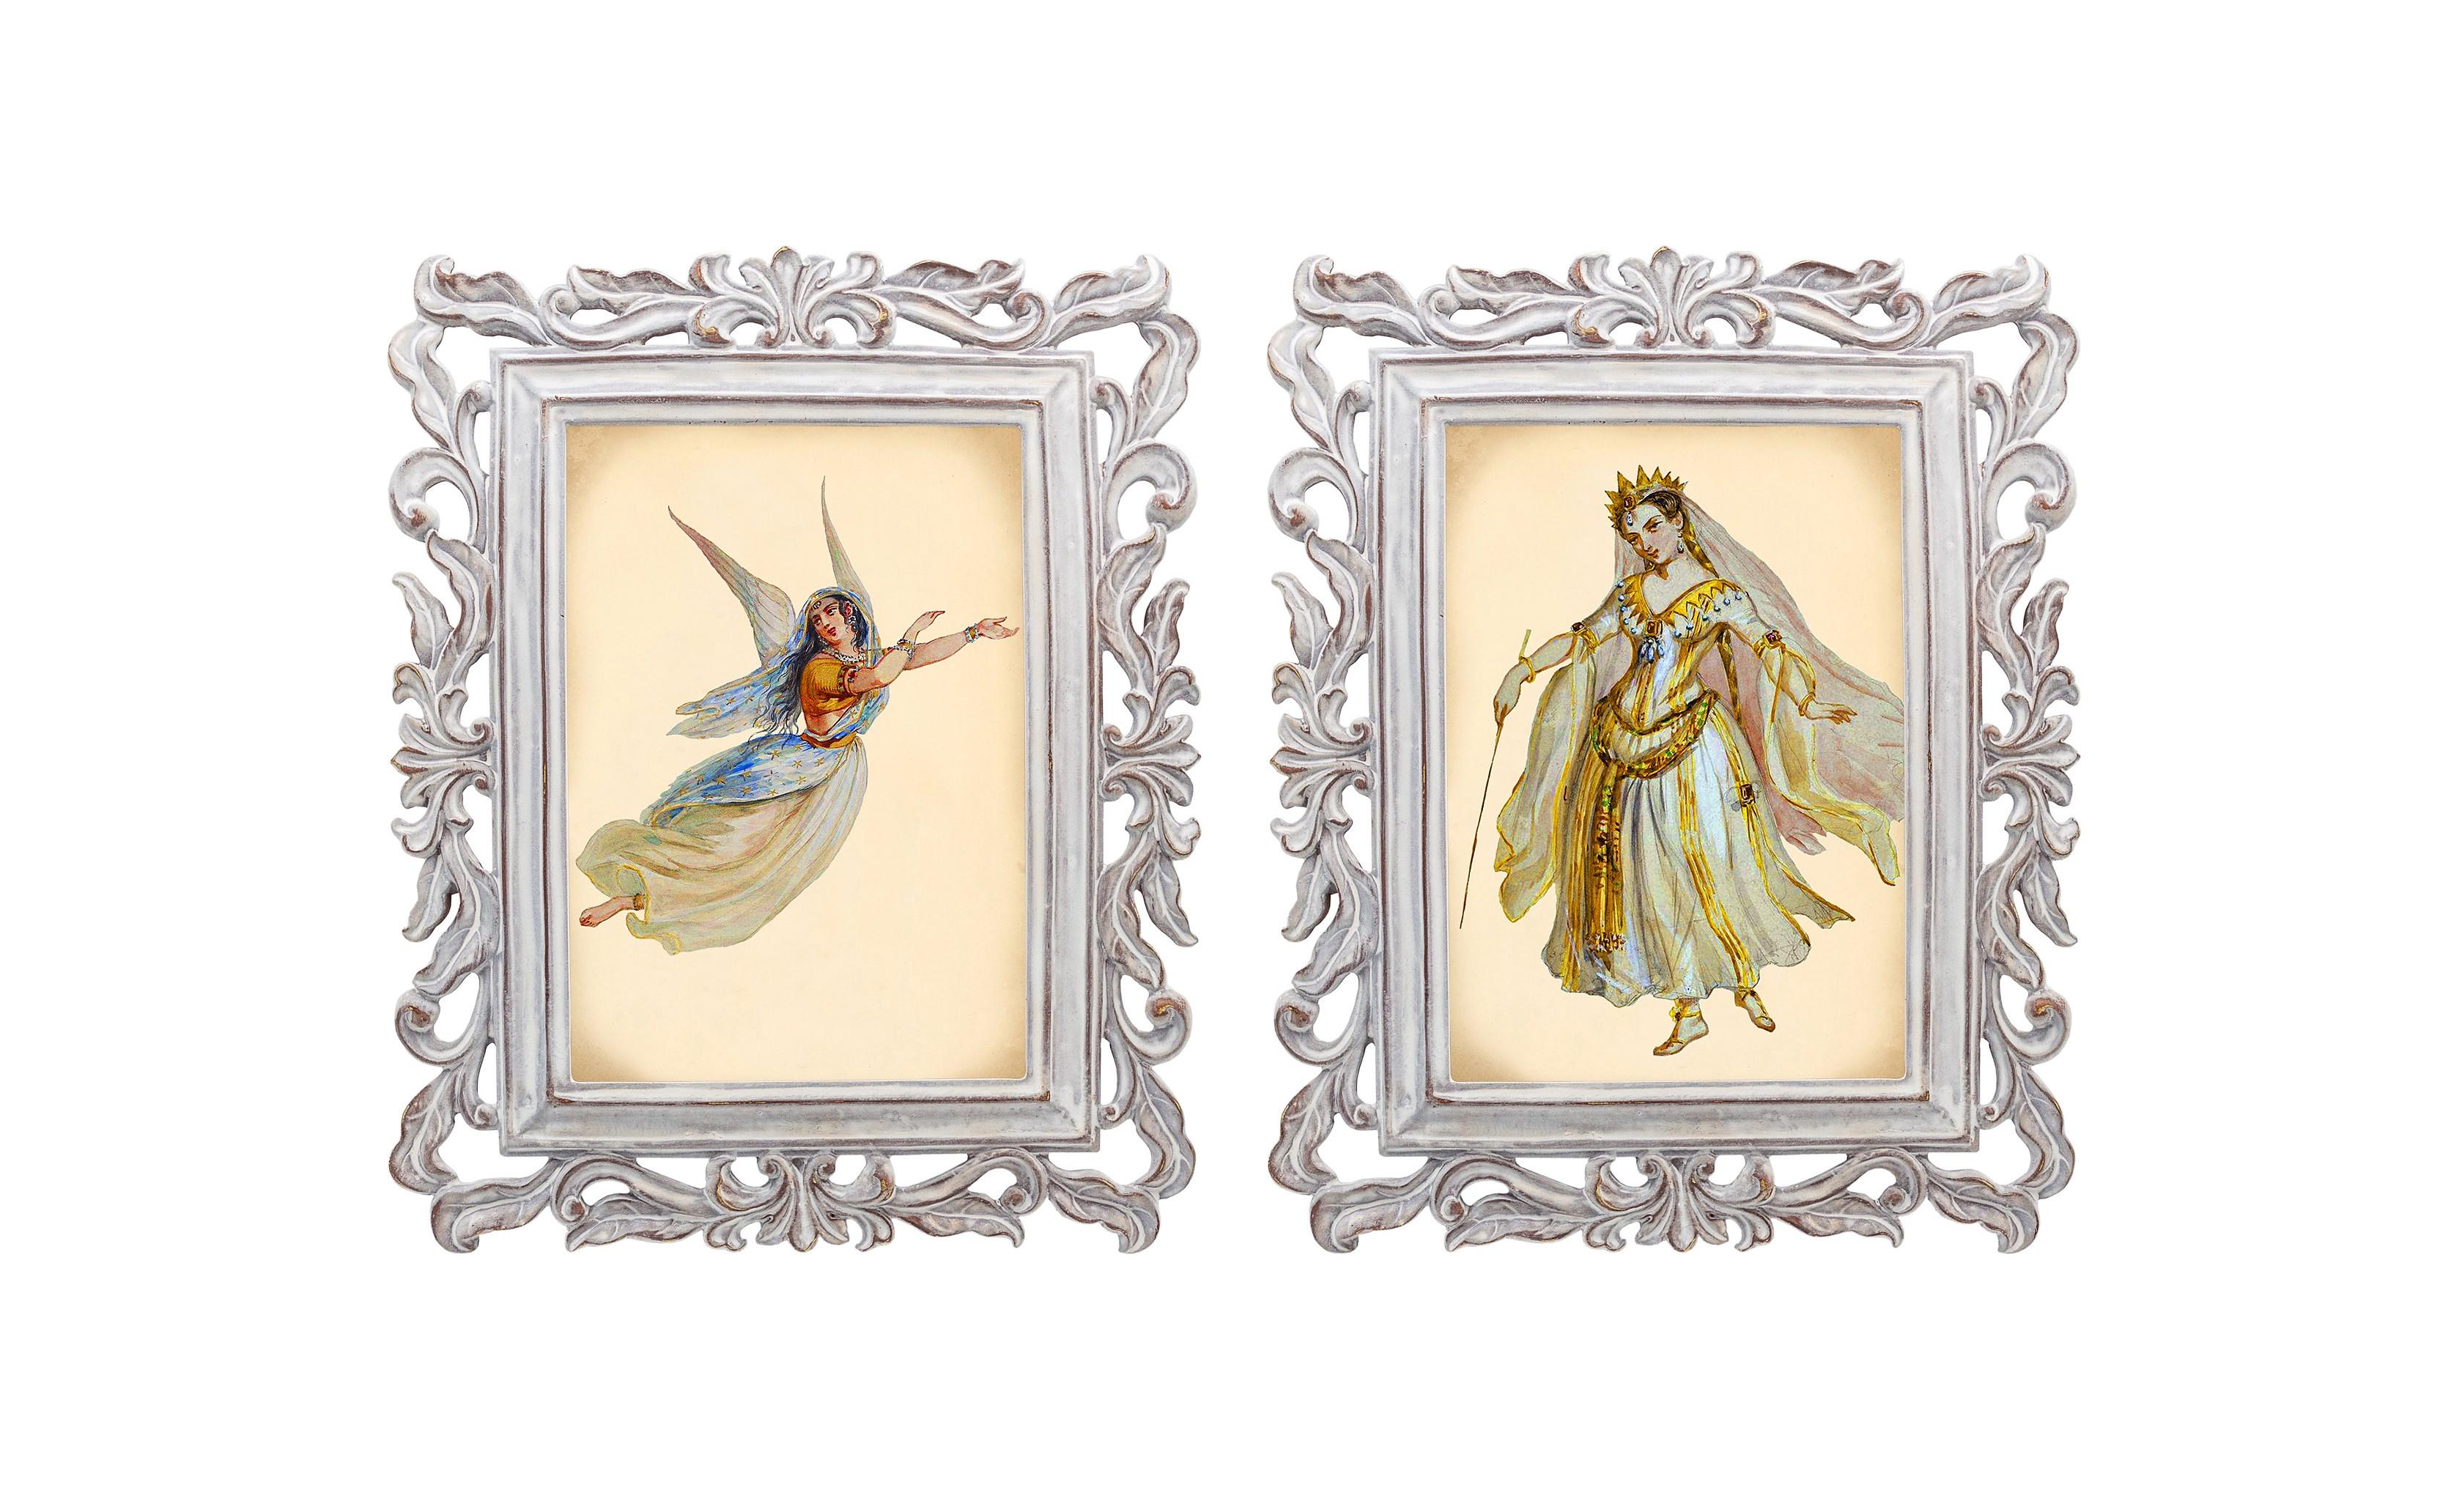 Набор из двух репродукций Агата и Бурлеск 2Картины<br>В моде викторианской эпохи достигалась гармония между женской хрупкостью и неприступной гордостью. Репродукции старинных картин из серии «Бурлеск» напоминают об этом времени богатства, роскоши и поистине королевского стиля. Это не только сентиментальное воспоминание о предметах и целых эпохах прошлого, — это еще и оригинальная деталь интерьера, которая поражает множеством элементов и эффектно смотрится в любом пространстве.<br><br>Material: Камень<br>Width см: 21<br>Depth см: 1,7<br>Height см: 26